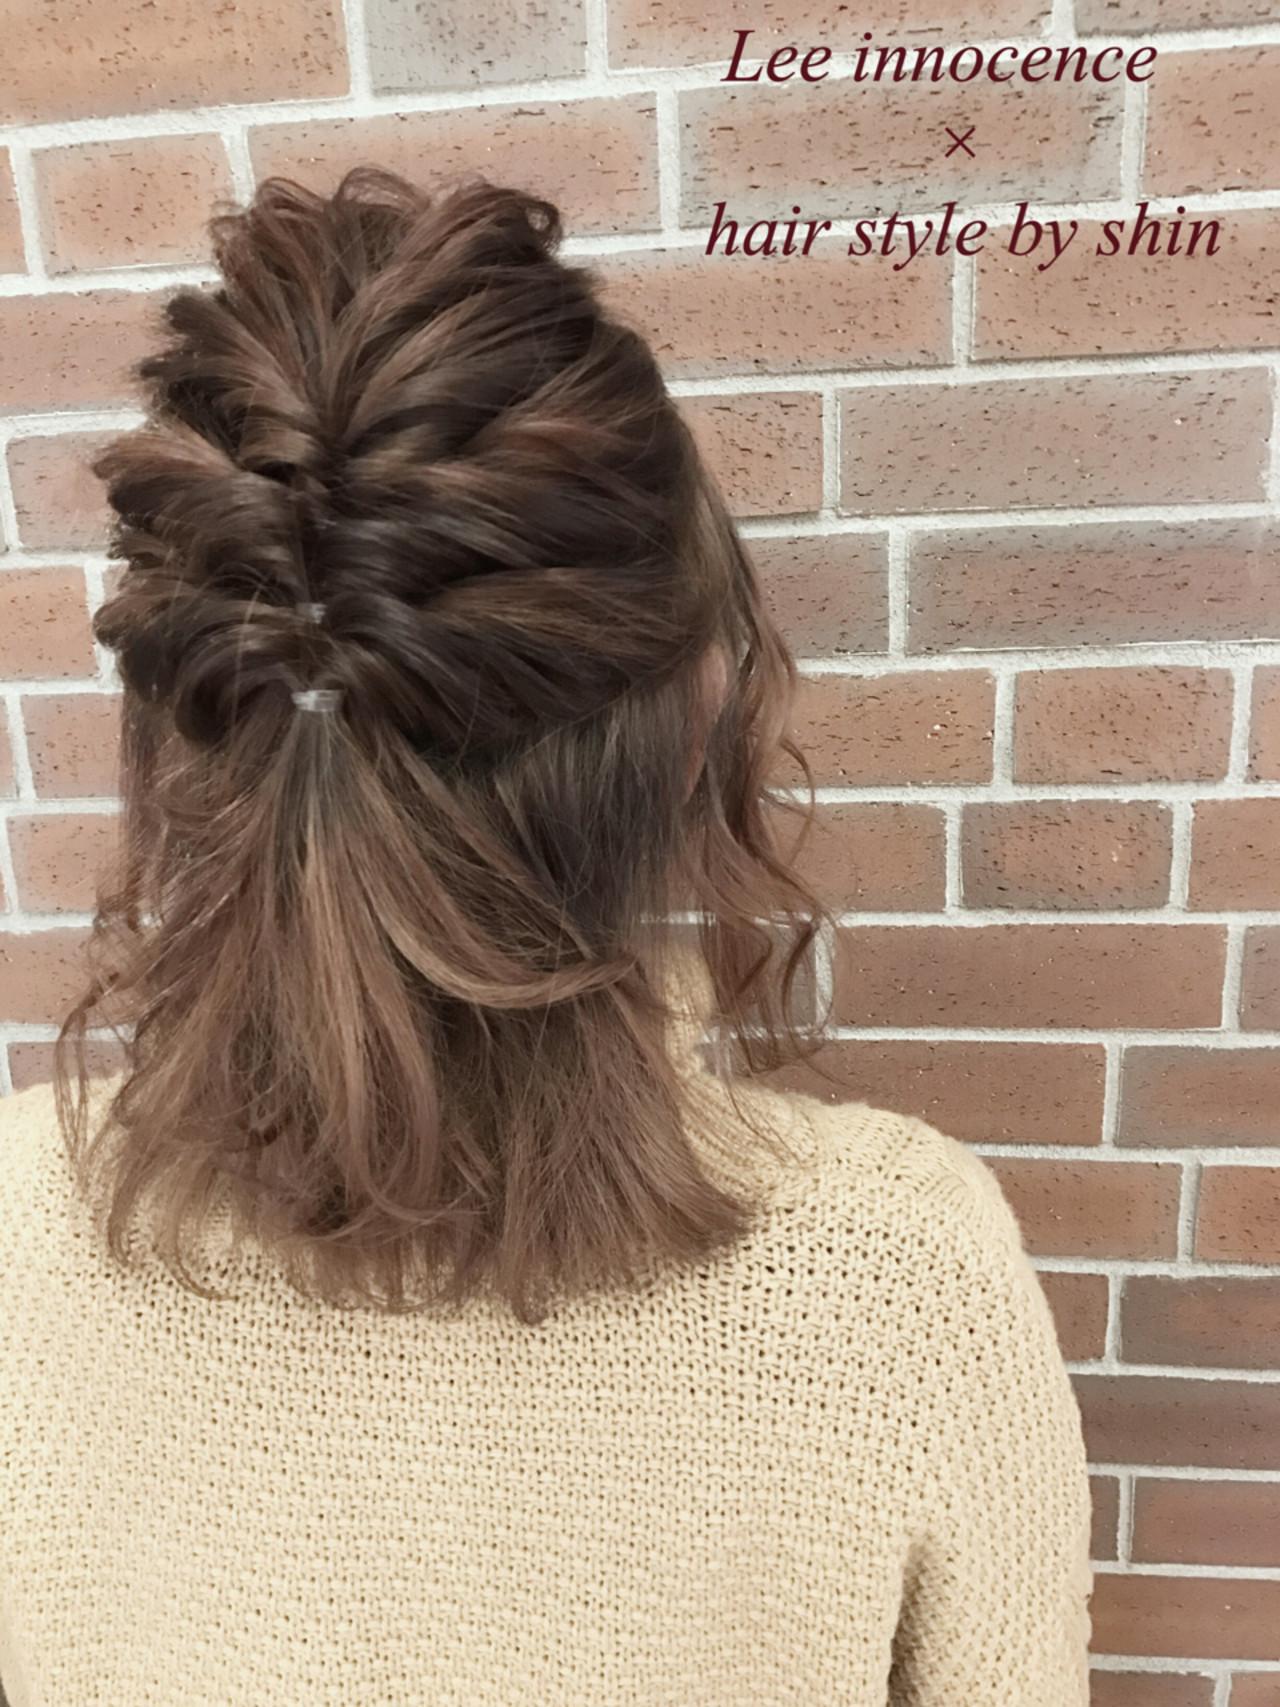 夏の予感がしたら髪型アップで出かけたい♡カジュアルアップヘアアレンジHOWTO Lee innocence 宮本伸一(shin)